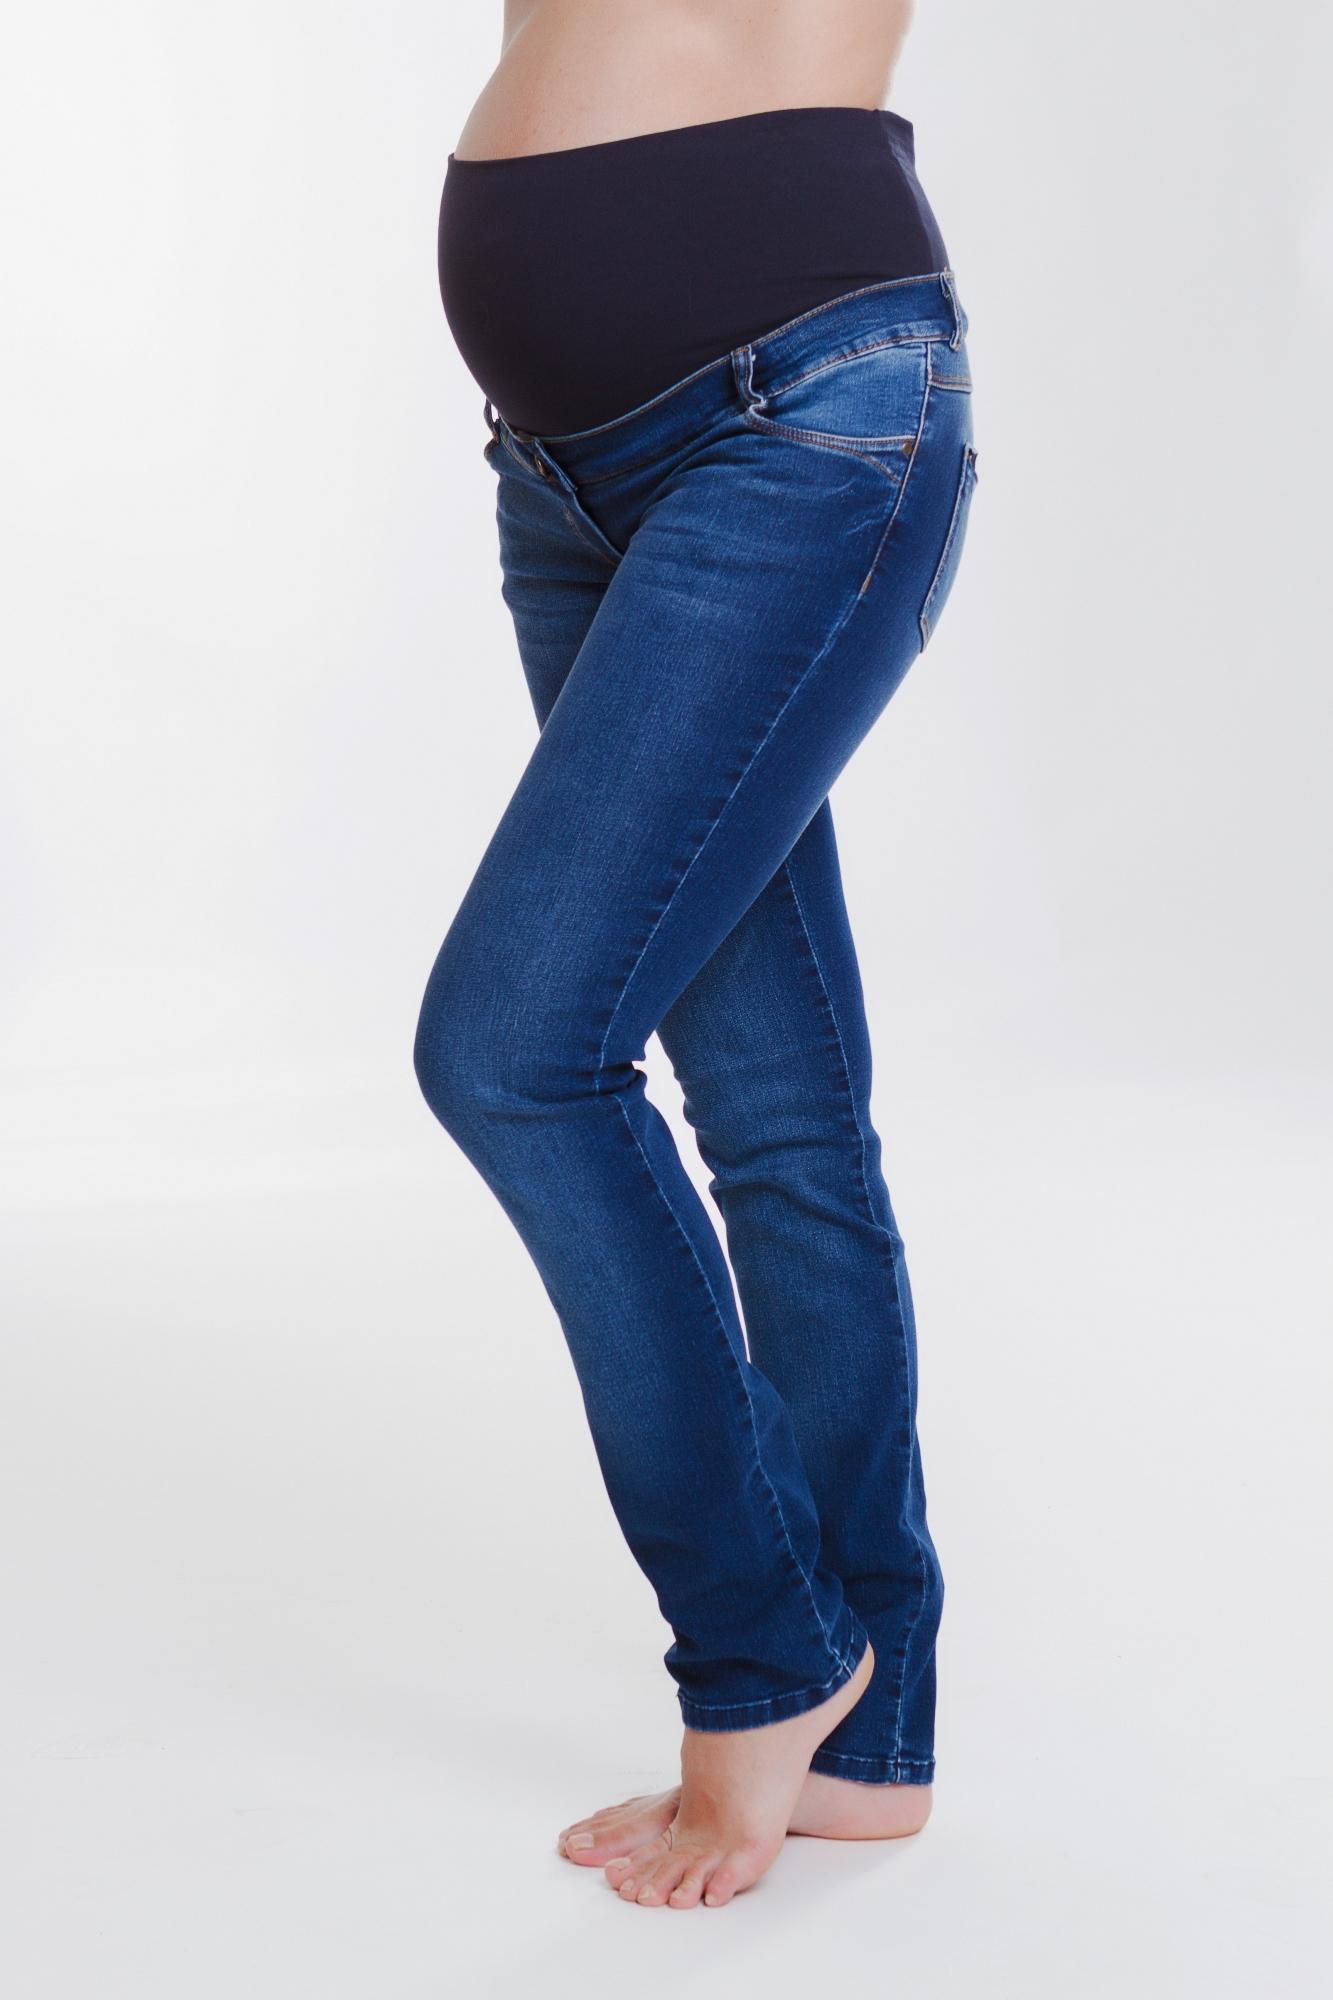 Фото джинсы для беременных MAMA`S FANTASY, широкий бандаж, средняя посадка от магазина СкороМама, синий, размеры.